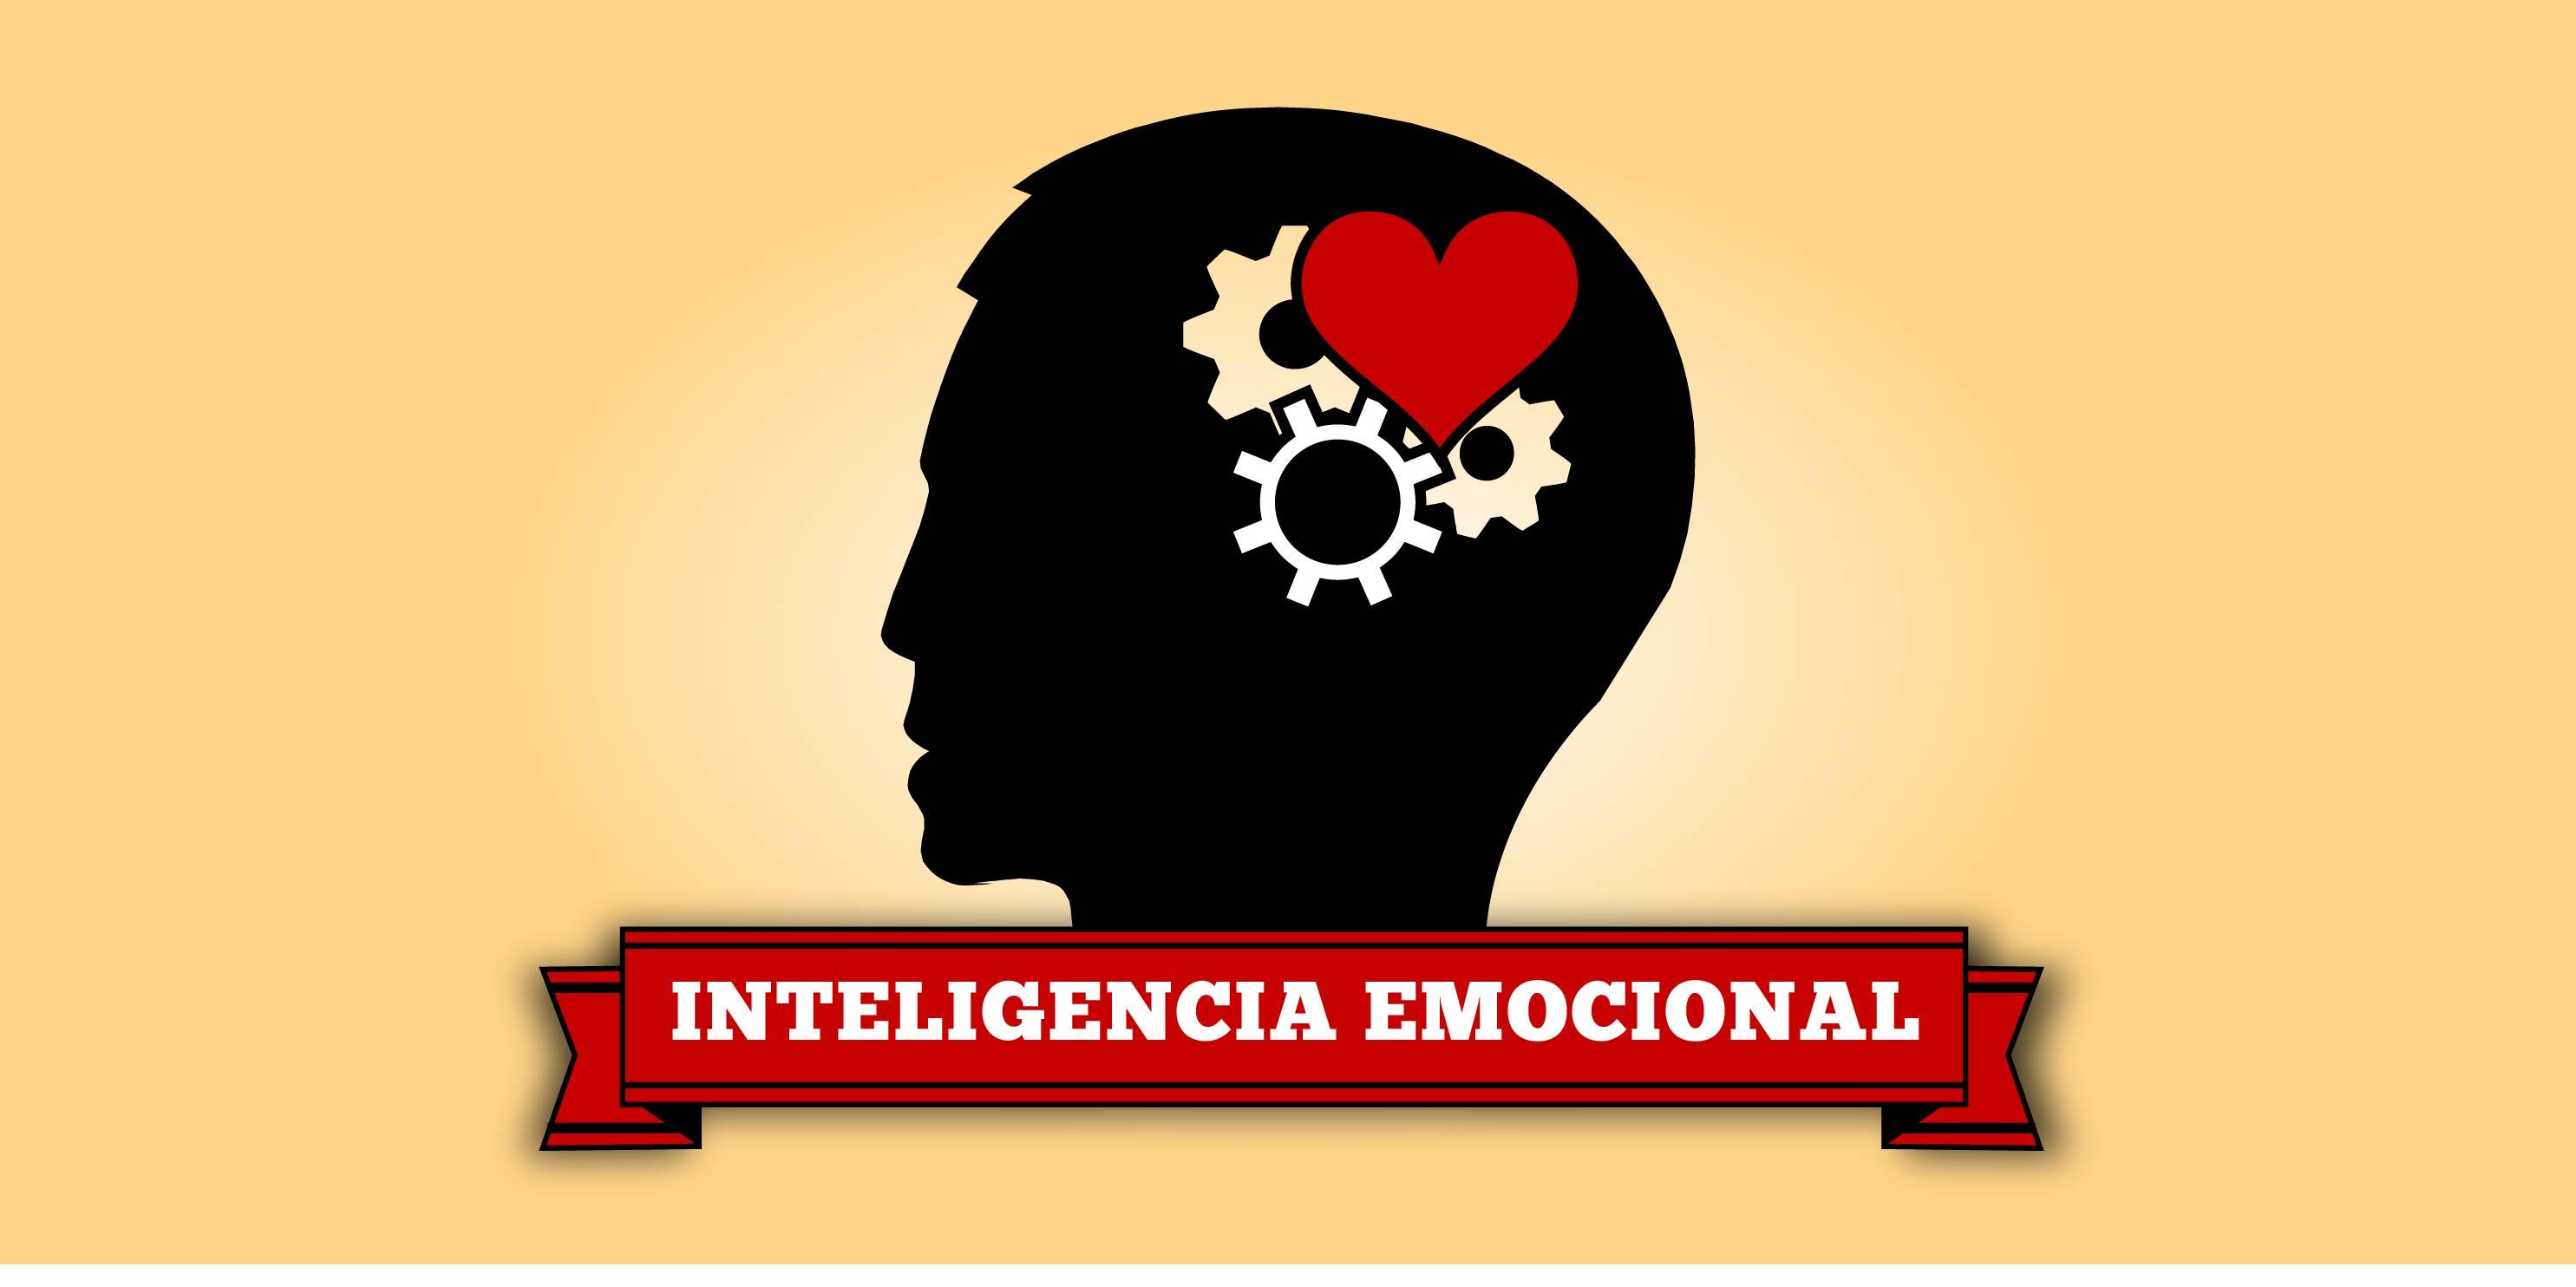 <p style=text-align: justify;>La inteligencia emocional es un conjunto de habilidades psicológicas que os permiten expresar vuestras emociones y comprender las del resto para guiar el pensamiento y comportamiento profesional. Existen maneras para entrenar este tipo de inteligencia, tan popular hoy en día, por lo que te acercamos 5 de ellas:</p><p style=text-align: justify;></p><div style=text-align: justify;><p style=text-align: justify;><strong>Lee también</strong><br/><a style=color: #ff0000; text-decoration: none; title=Cómo Steve Jobs entrenó su cerebro href=https://noticias.universia.es/cultura/noticia/2015/04/30/1124232/como-steve-jobs-entreno-cerebro.html>» <strong>Cómo Steve Jobs entrenó su cerebro</strong></a><br/><a style=color: #ff0000; text-decoration: none; title=¿Por qué unas personas aprenden más rápido que otras? href=https://noticias.universia.es/cultura/noticia/2015/04/20/1123591/unas-personas-aprenden-rapido.html>» <strong>¿Por qué unas personas aprenden más rápido que otras?</strong></a></p></div><p></p><p><strong>1. No evitar los pensamientos negativos</strong></p><p>Concentrarse en lo positivo es bueno, pero los pensamientos negativos son parte de la vida y de vosotros, por lo que es importante atenderlos. Darles cierta importancia os permitirá controlarlos y con el tiempo eliminarlos de vuestra mente. En general estos pensamientos se relacionan con problemas reales y es importante saber cómo manejarlos.</p><p><strong>2. No juzgar los pensamientos y emociones muy rápido</strong></p><p style=text-align: justify;>A veces uno puede sentir vergüenza o pena a raíz de un pensamiento, pero es necesario dejar que madure para luego aprender a manejarlo. Requiere de tiempo y paciencia y no dejar que otros os presionen.</p><blockquote style=text-align: center;>La inteligencia emocional es una gran herramienta para fortalecer la capacidad de liderazgo</blockquote><p><strong>3. Relacionar los pensamientos y emociones con el cuerpo</strong></p><p>Todas las f